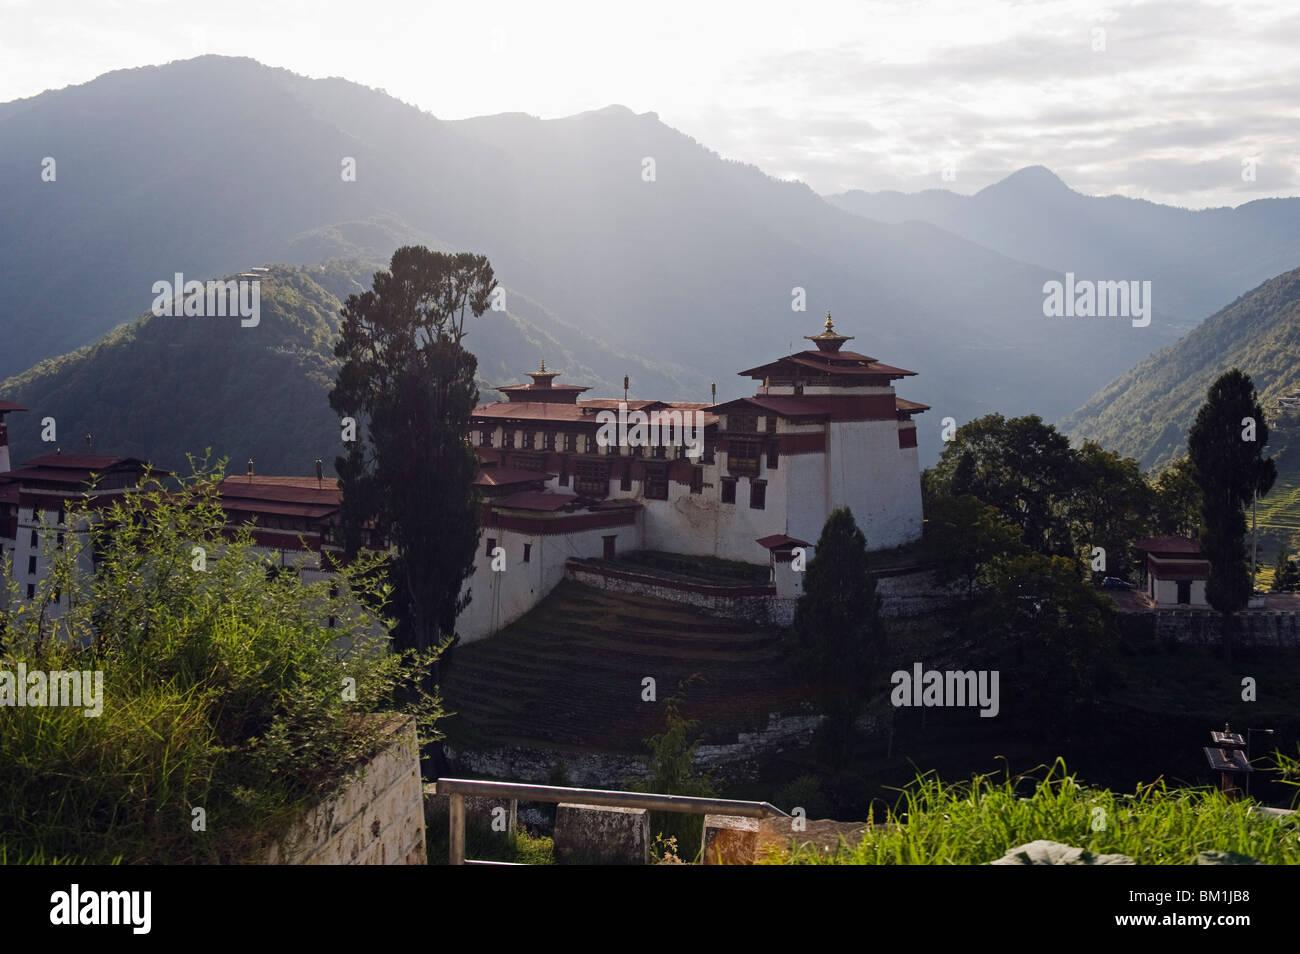 Dating bhutan Dummheit dating sims